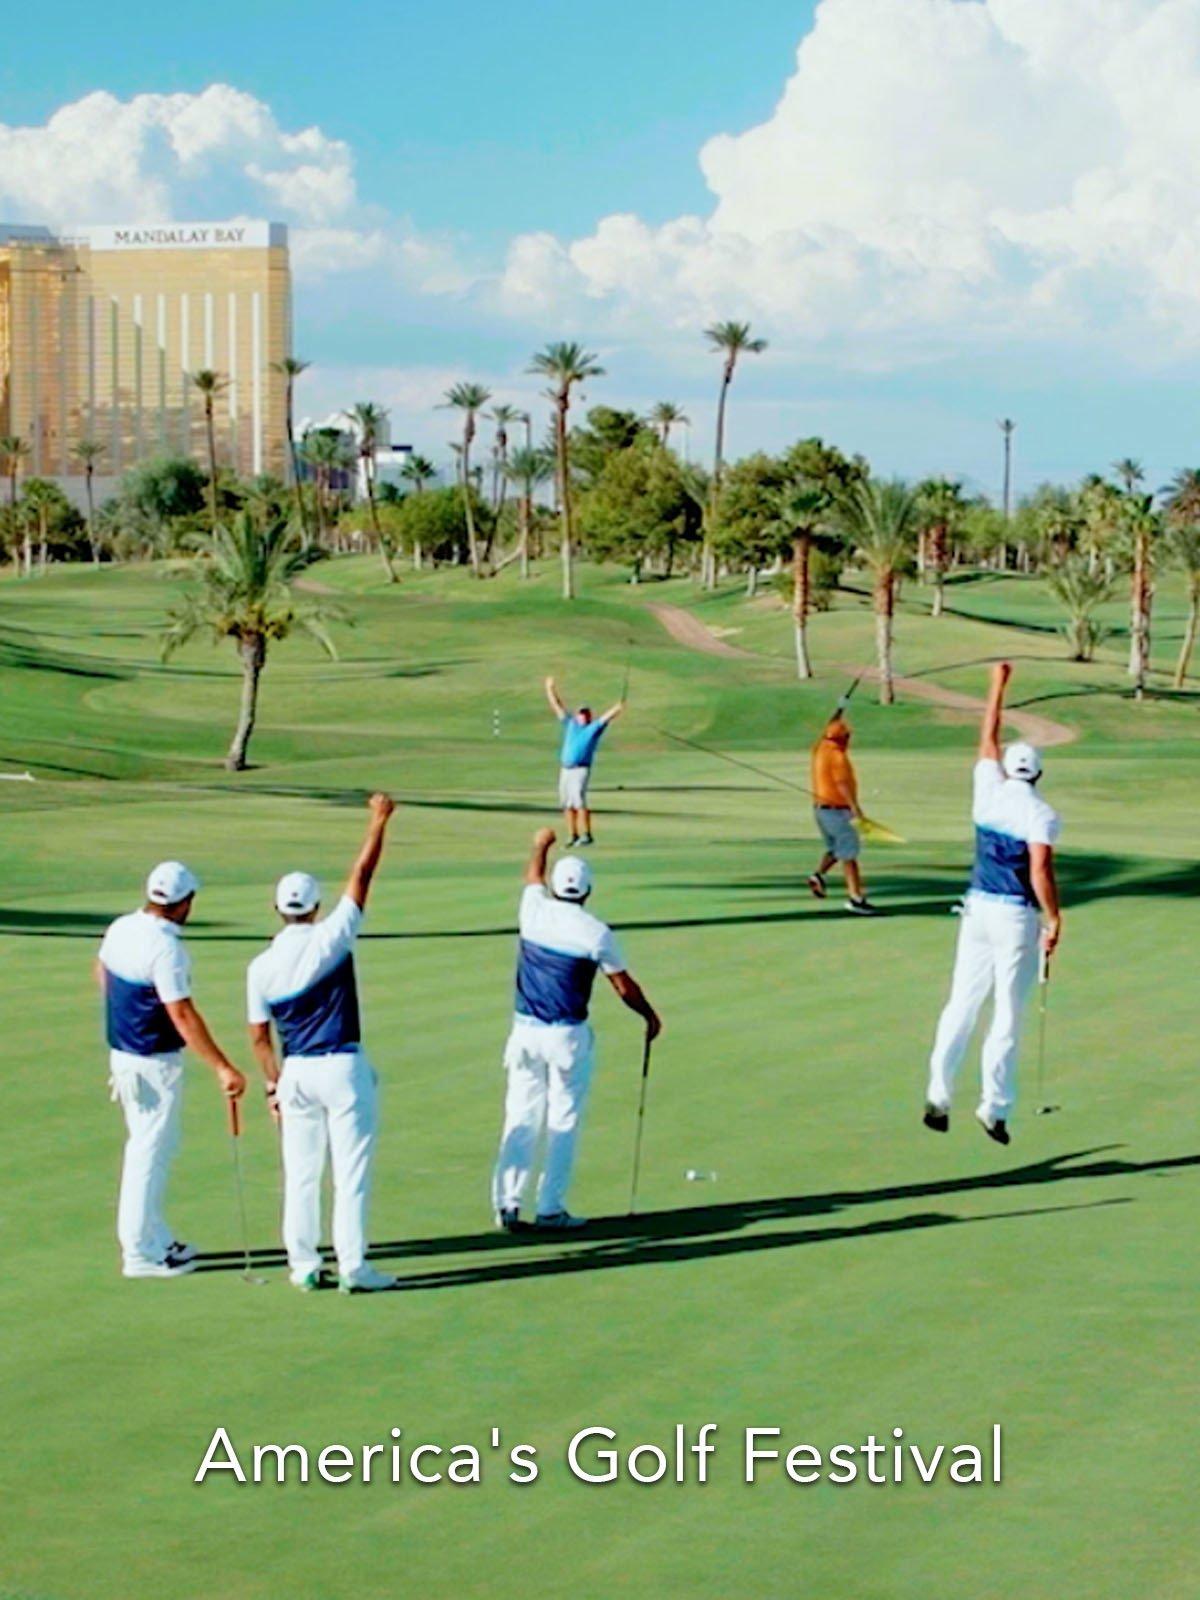 Clip: America's Golf Festival